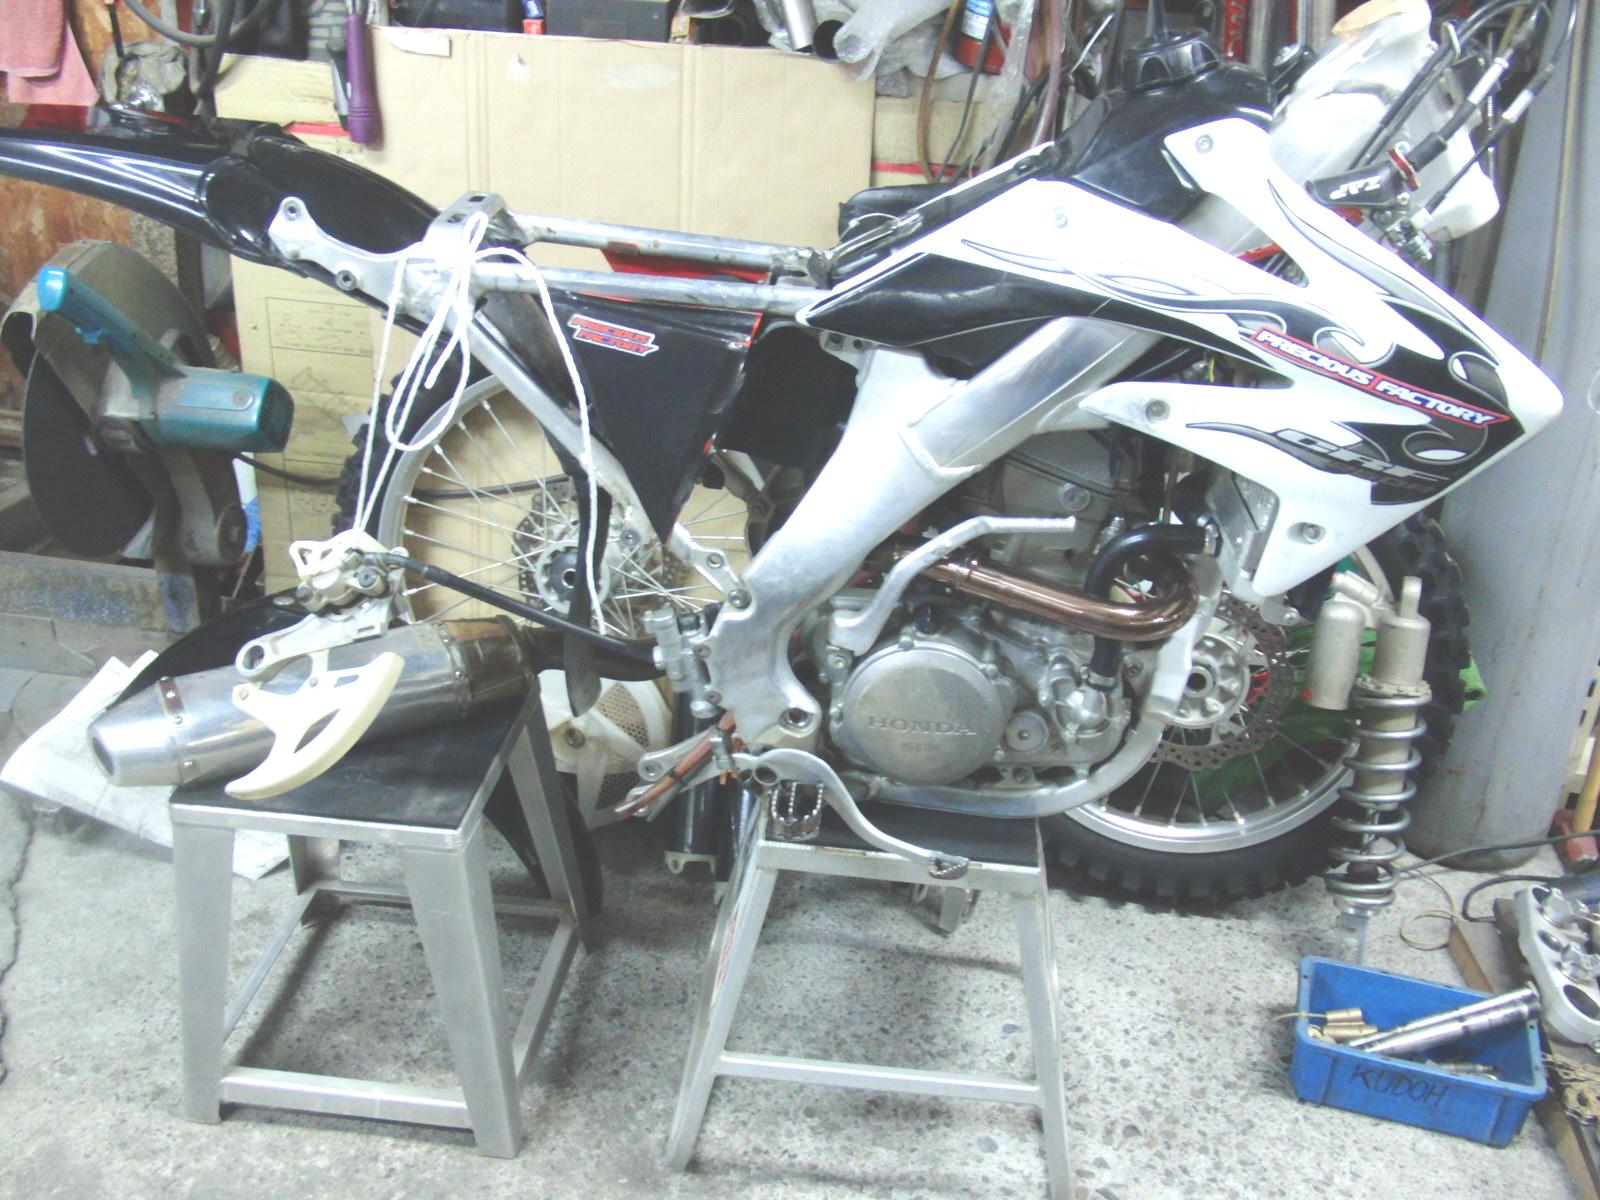 http://www.precious-factory.com/preciousfactory2010/CIMG2640.JPG